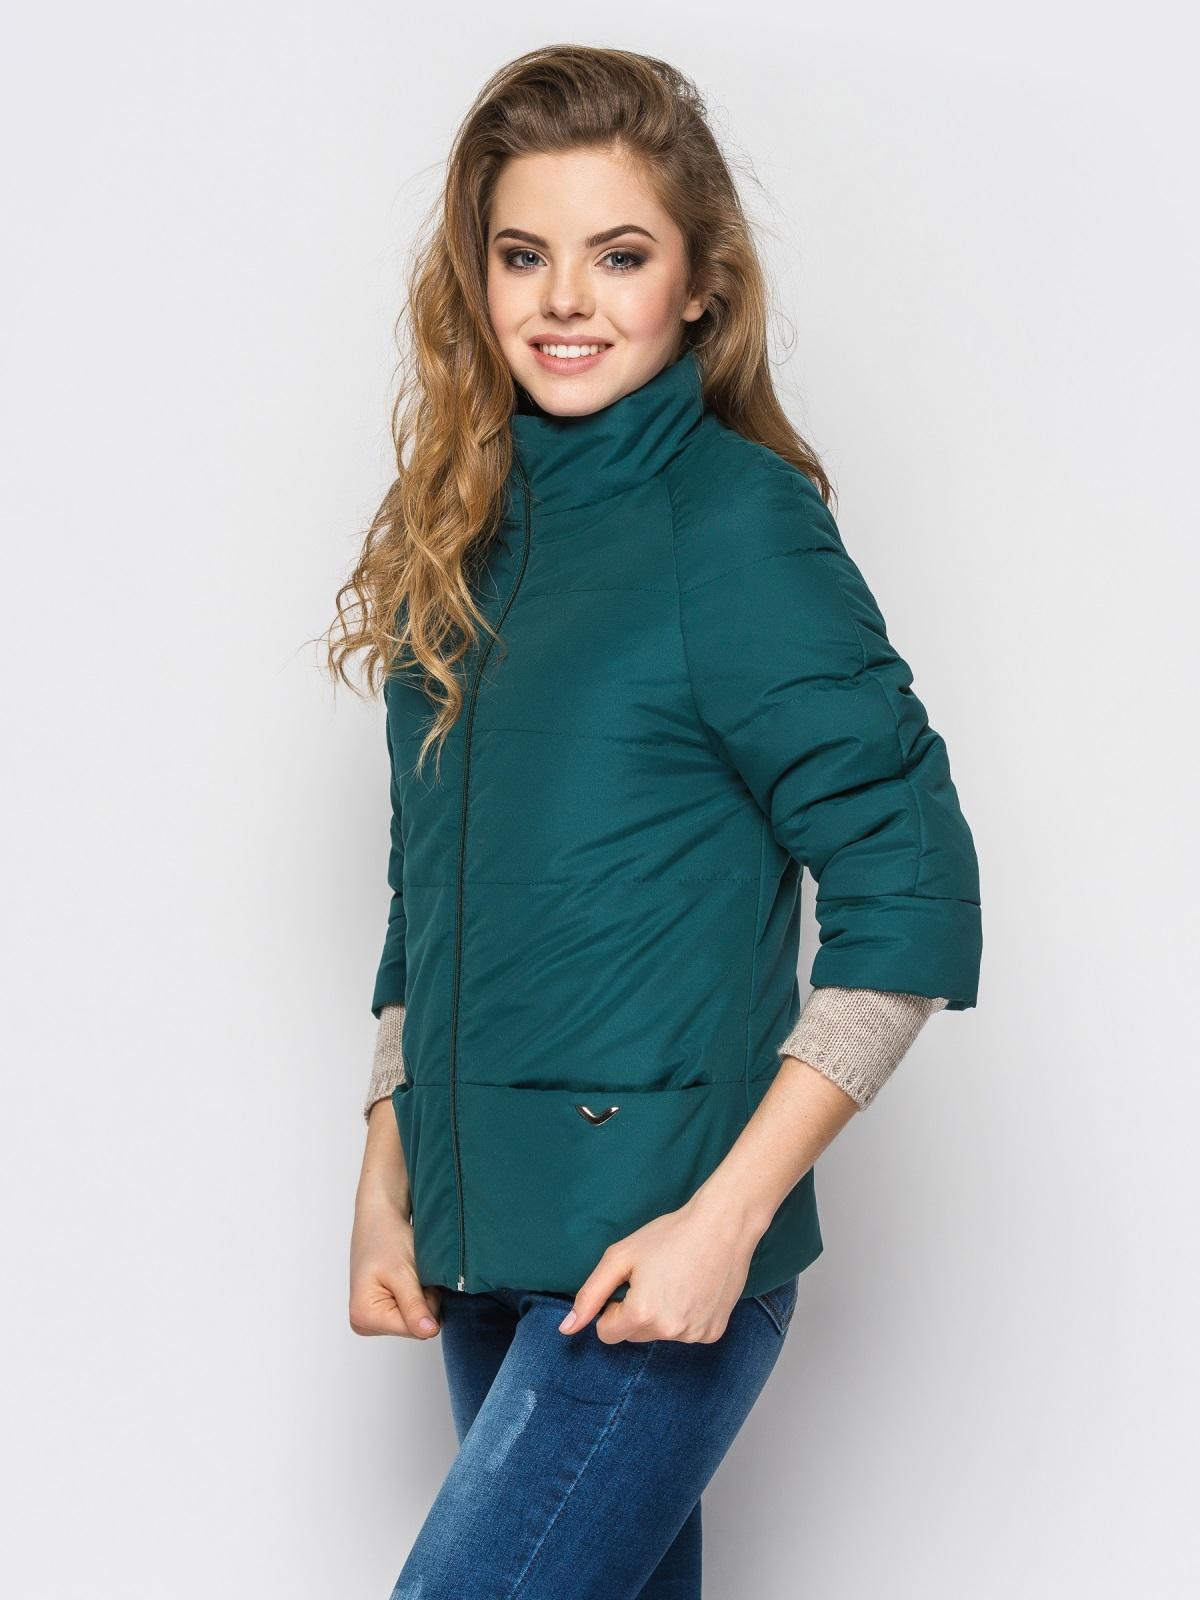 Зелёная куртка на силиконе с рукавом 3/4 - 12953, фото 1 – интернет-магазин Dressa